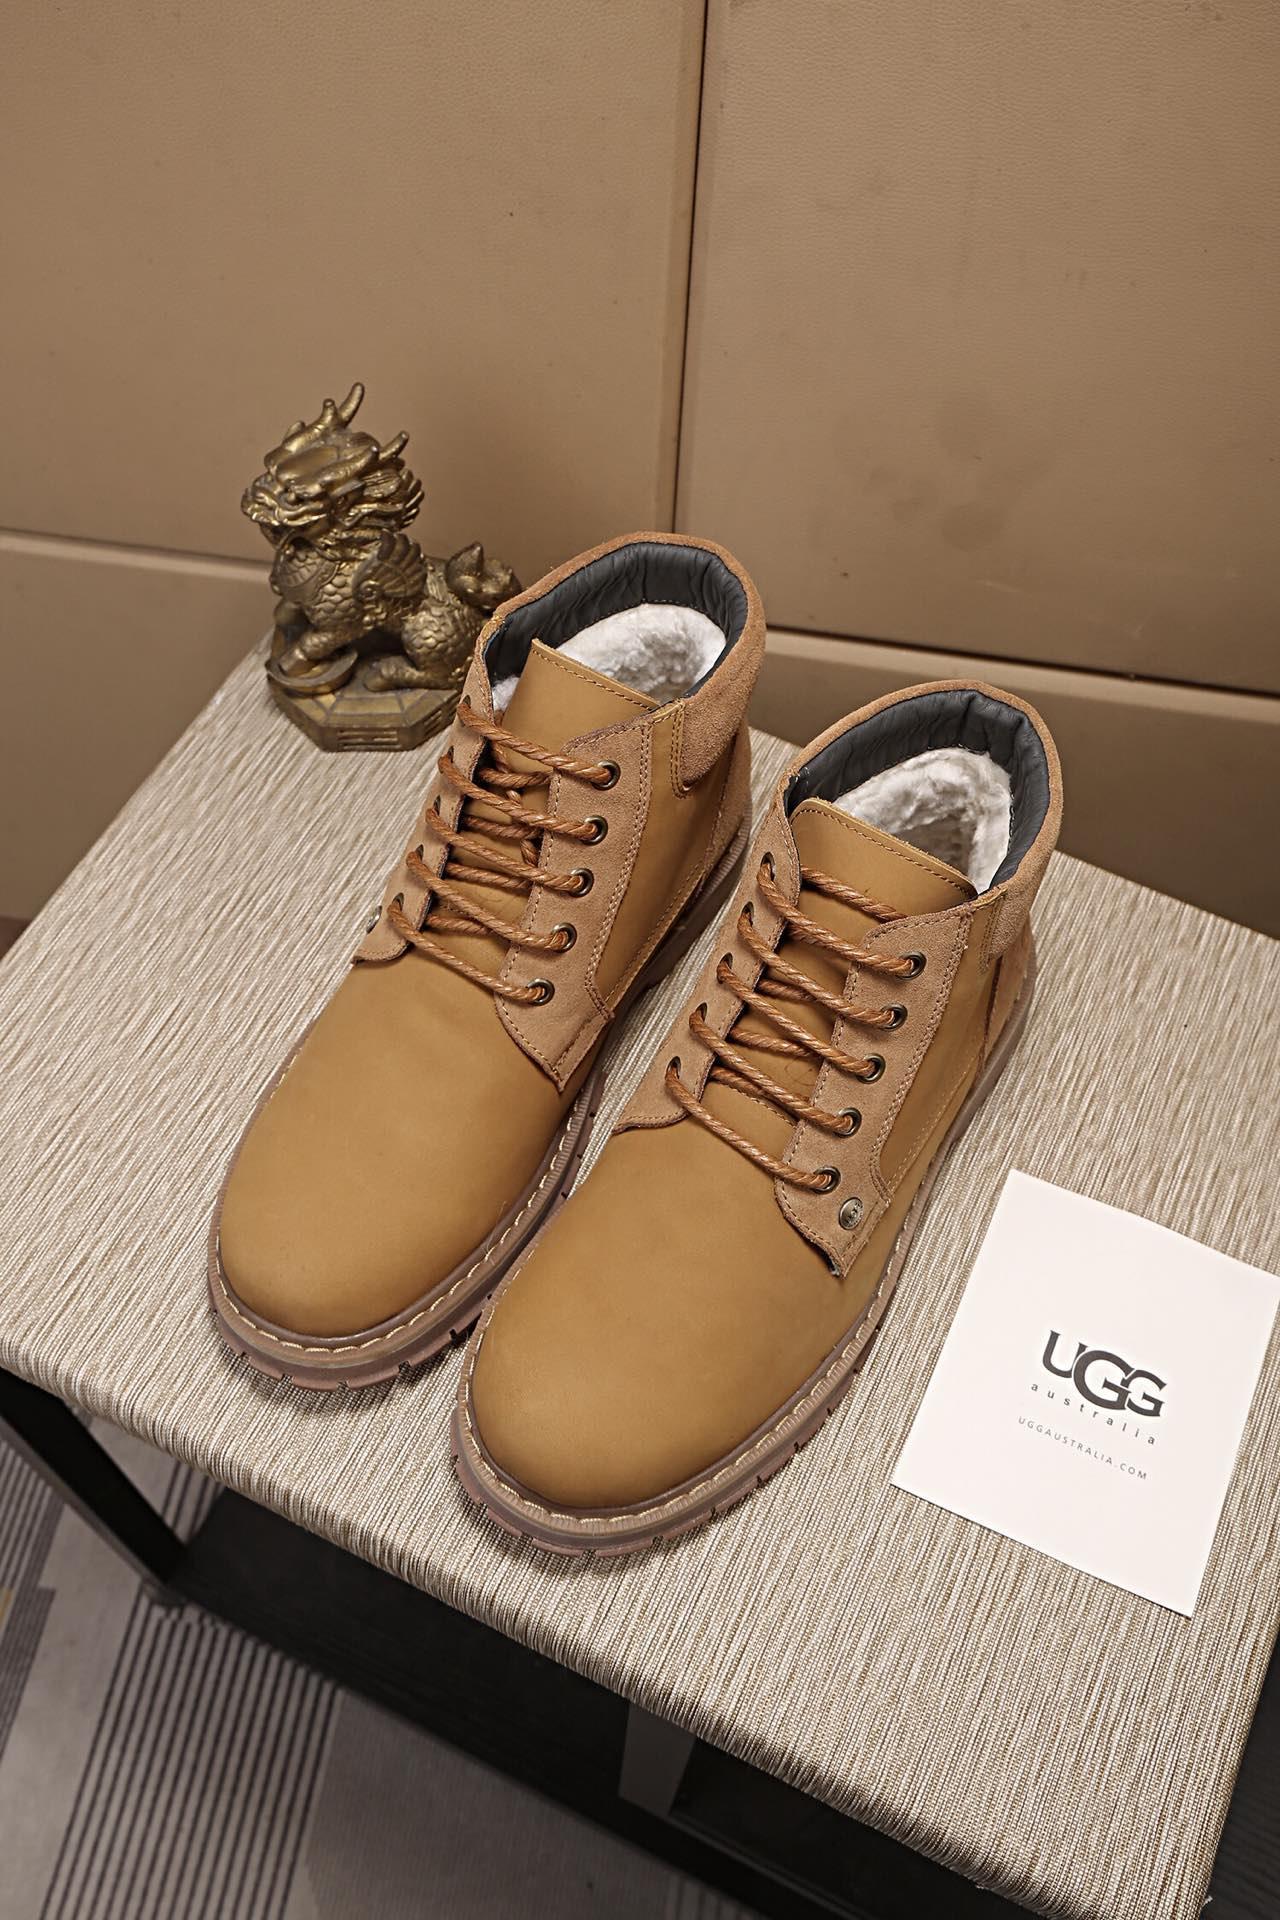 UGG メンズ 冬靴 2色 ブランドコピー 格安ばれない 通販大丈夫 p5728046